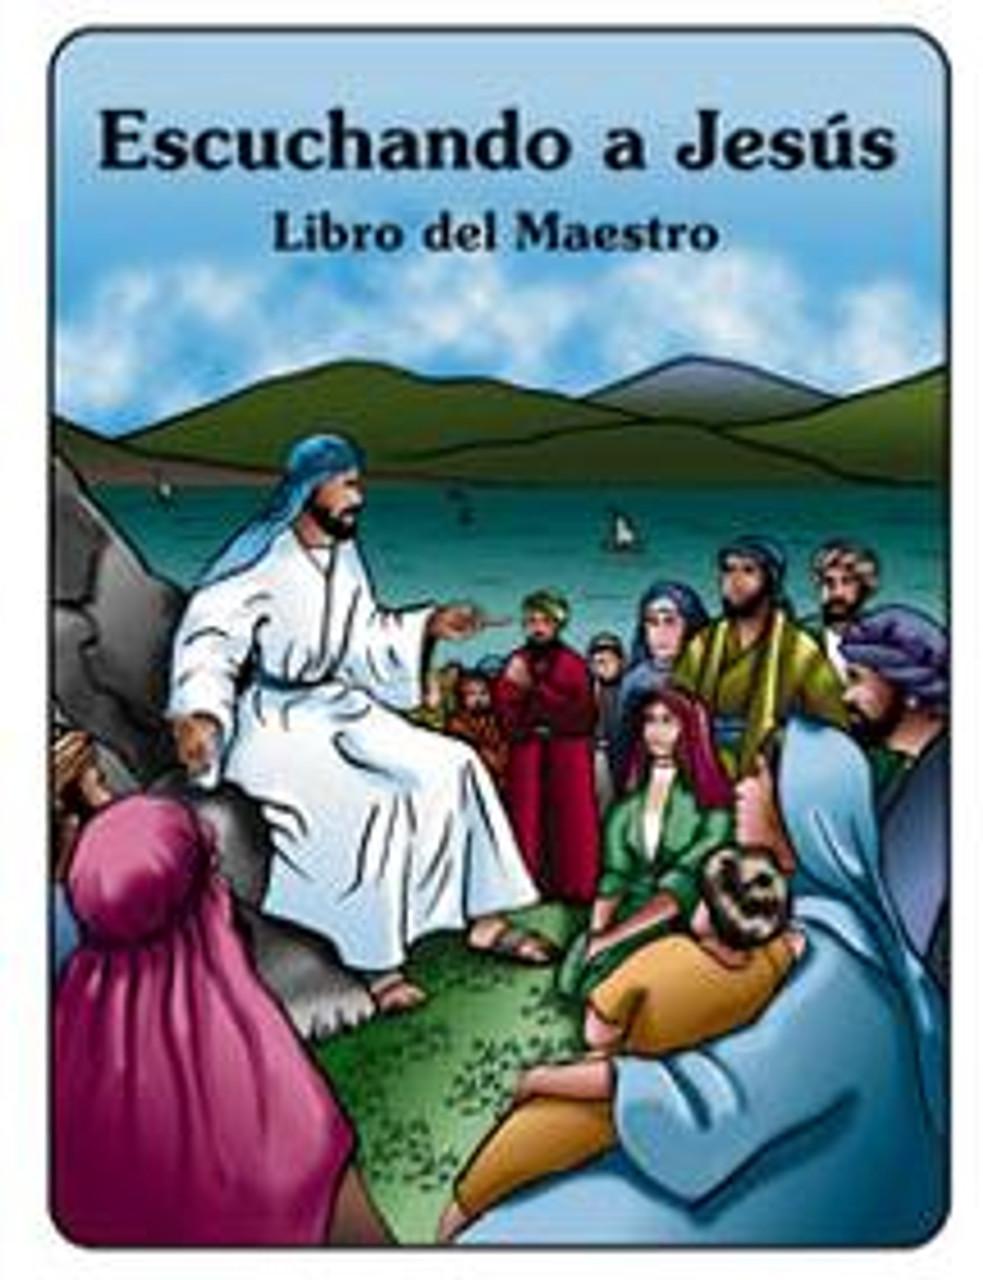 Escuchando a Jesus